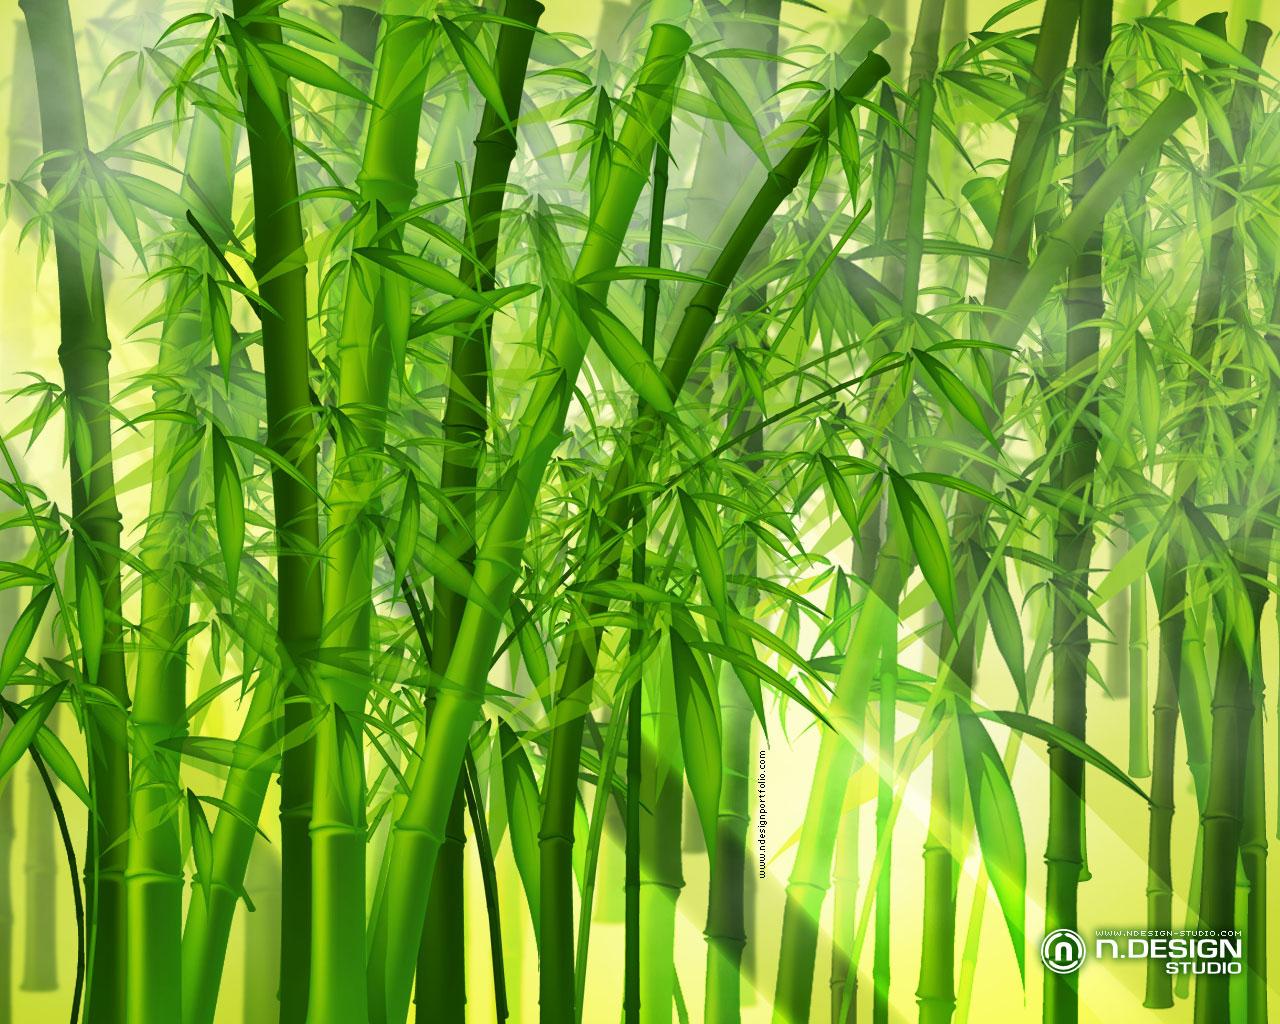 http://2.bp.blogspot.com/-ZGzlvpd8lpI/Tq6bPSvKcSI/AAAAAAAAAQg/ShOm07aSPho/s1600/Japanese_Bamboo_Forest.jpg